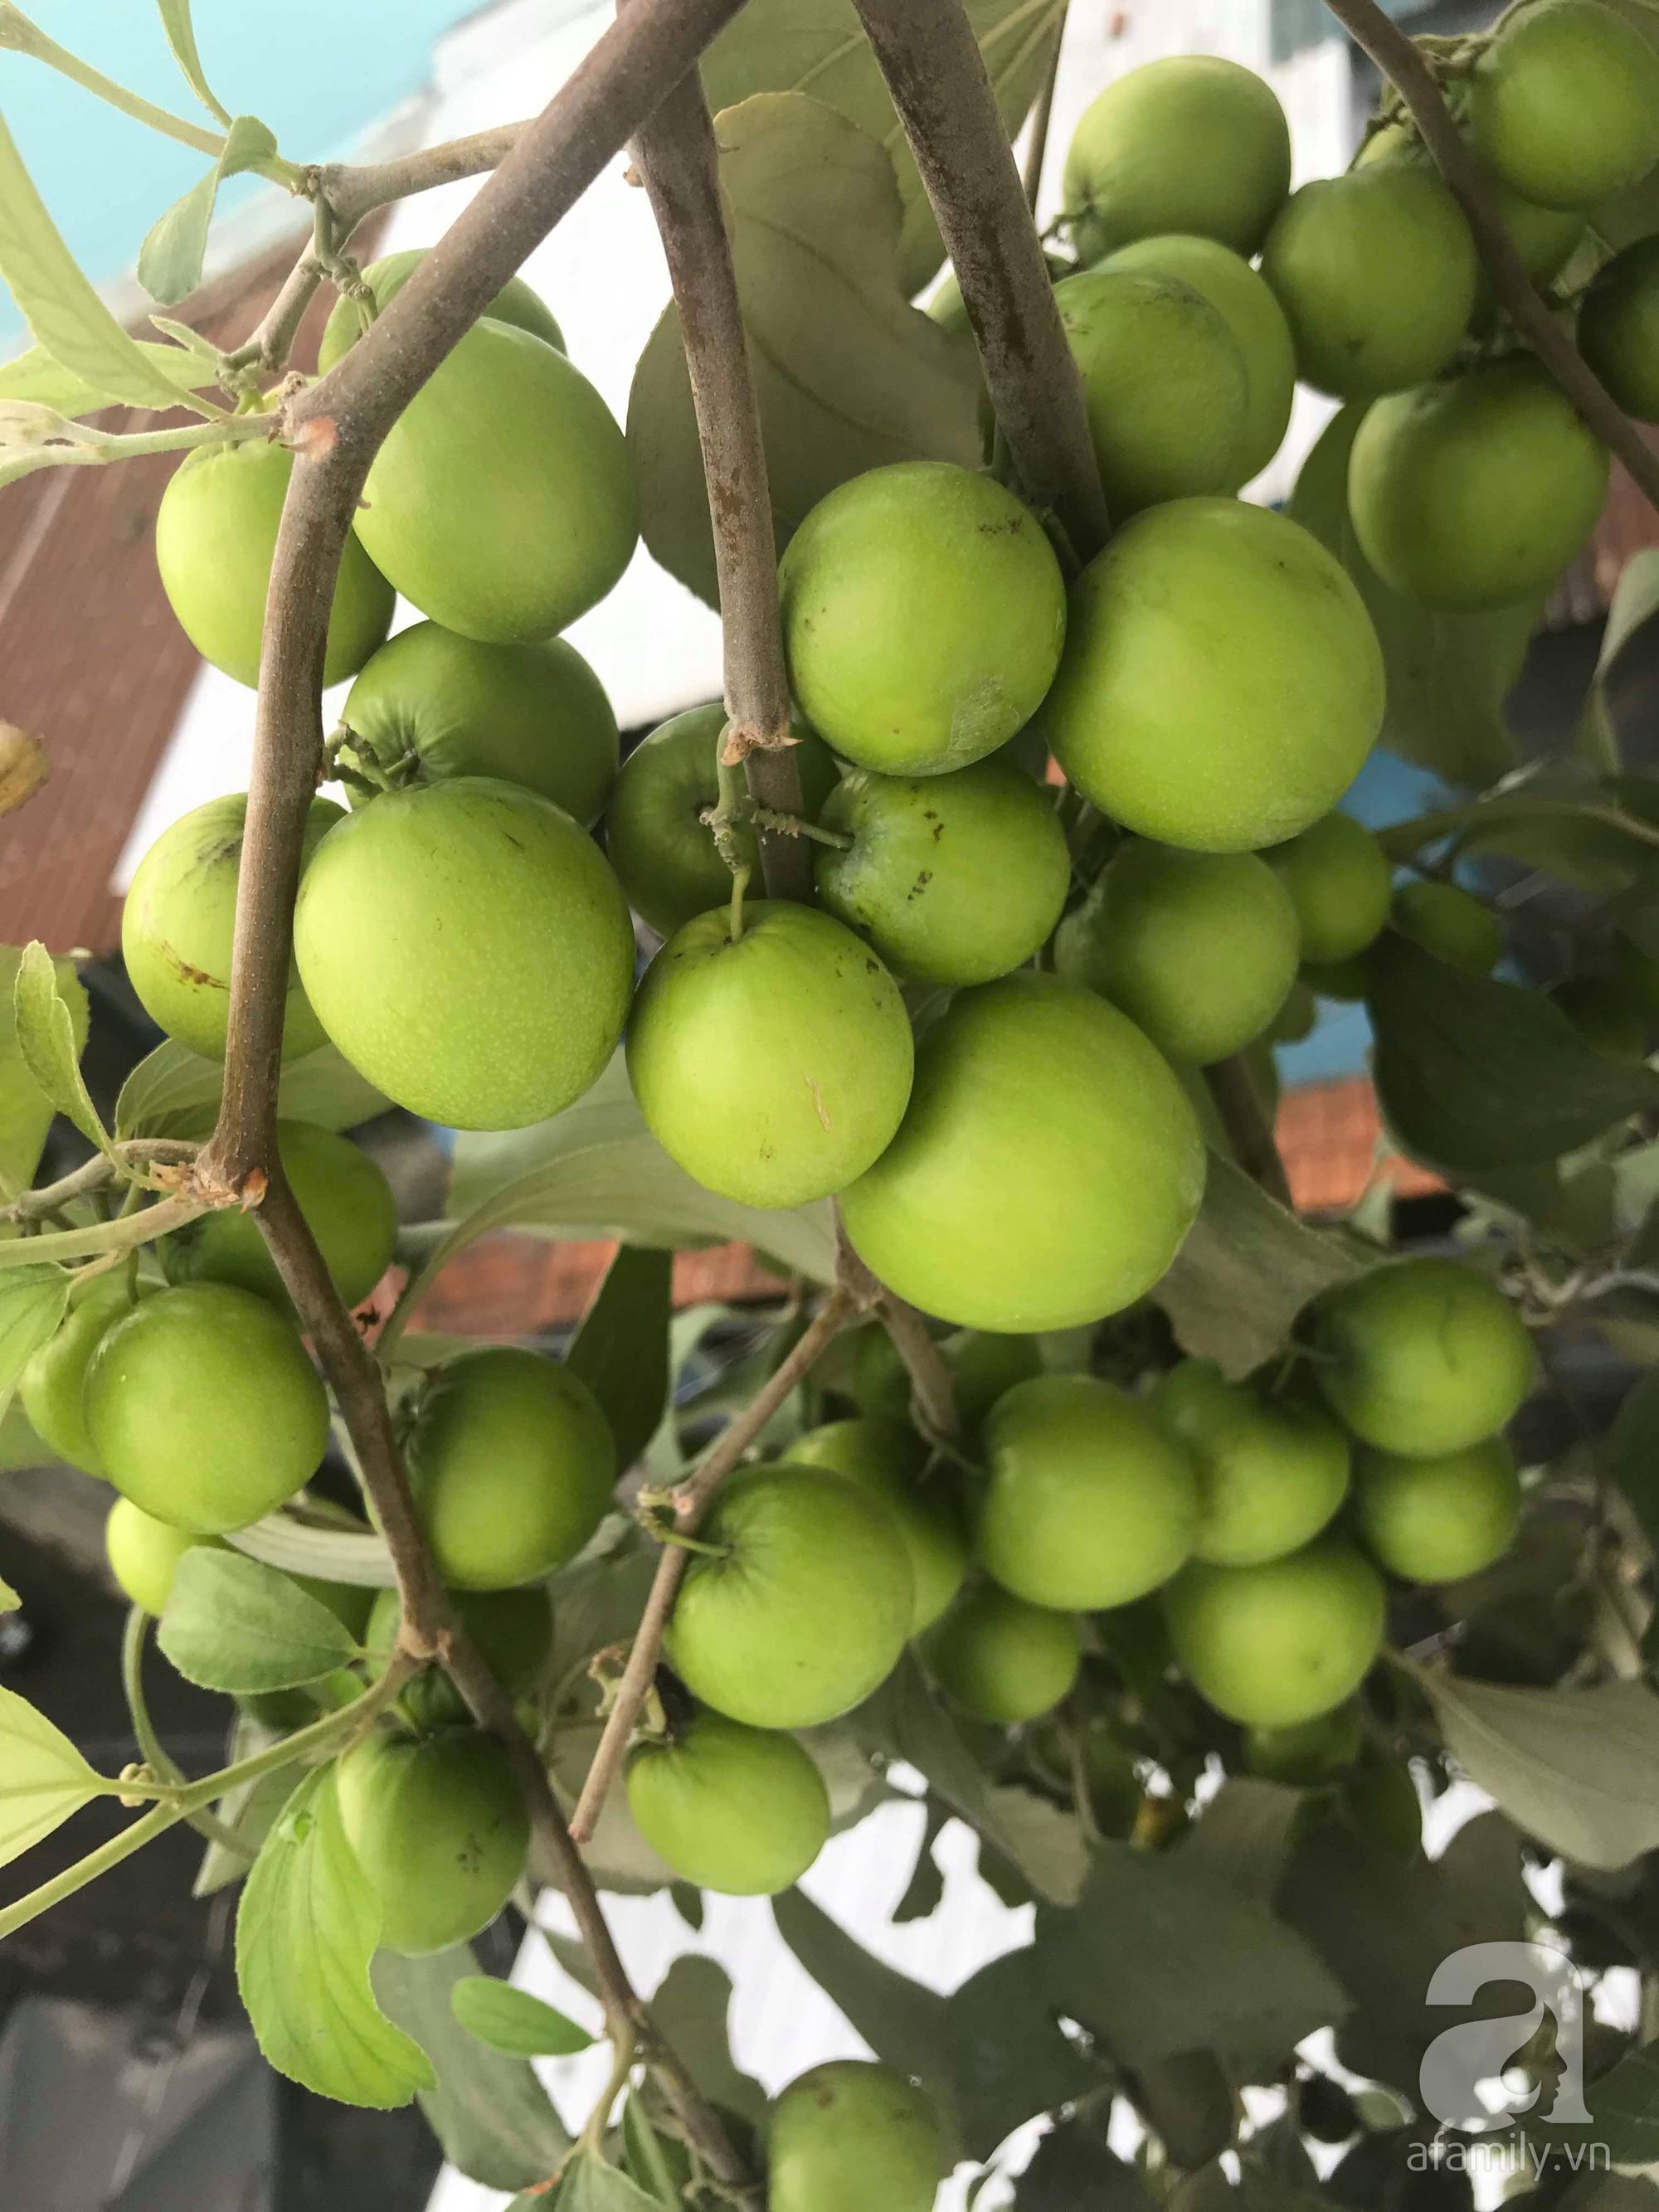 Kinh nghiệm trồng táo trên sân thượng thu hoạch không xuể của người đàn ông đảm đang ở Sài Gòn - Hình 6